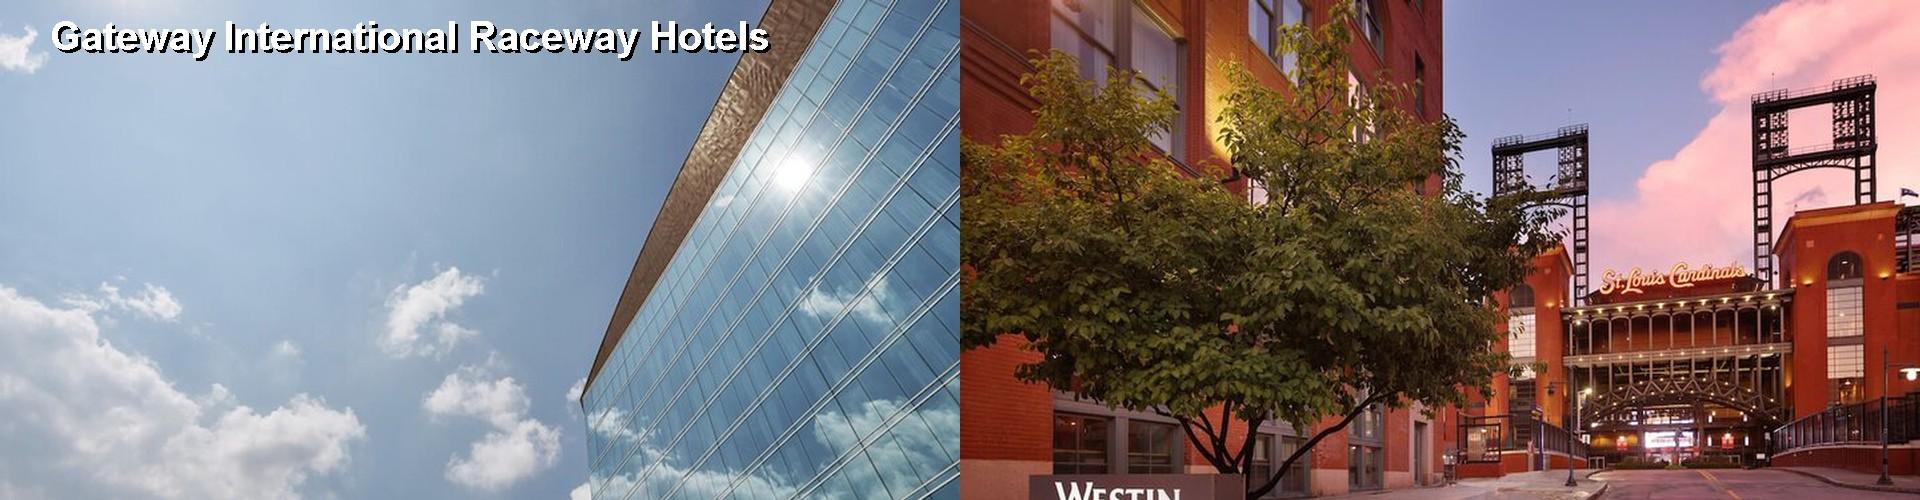 $44+ hotels near gateway international raceway in east st. louis il